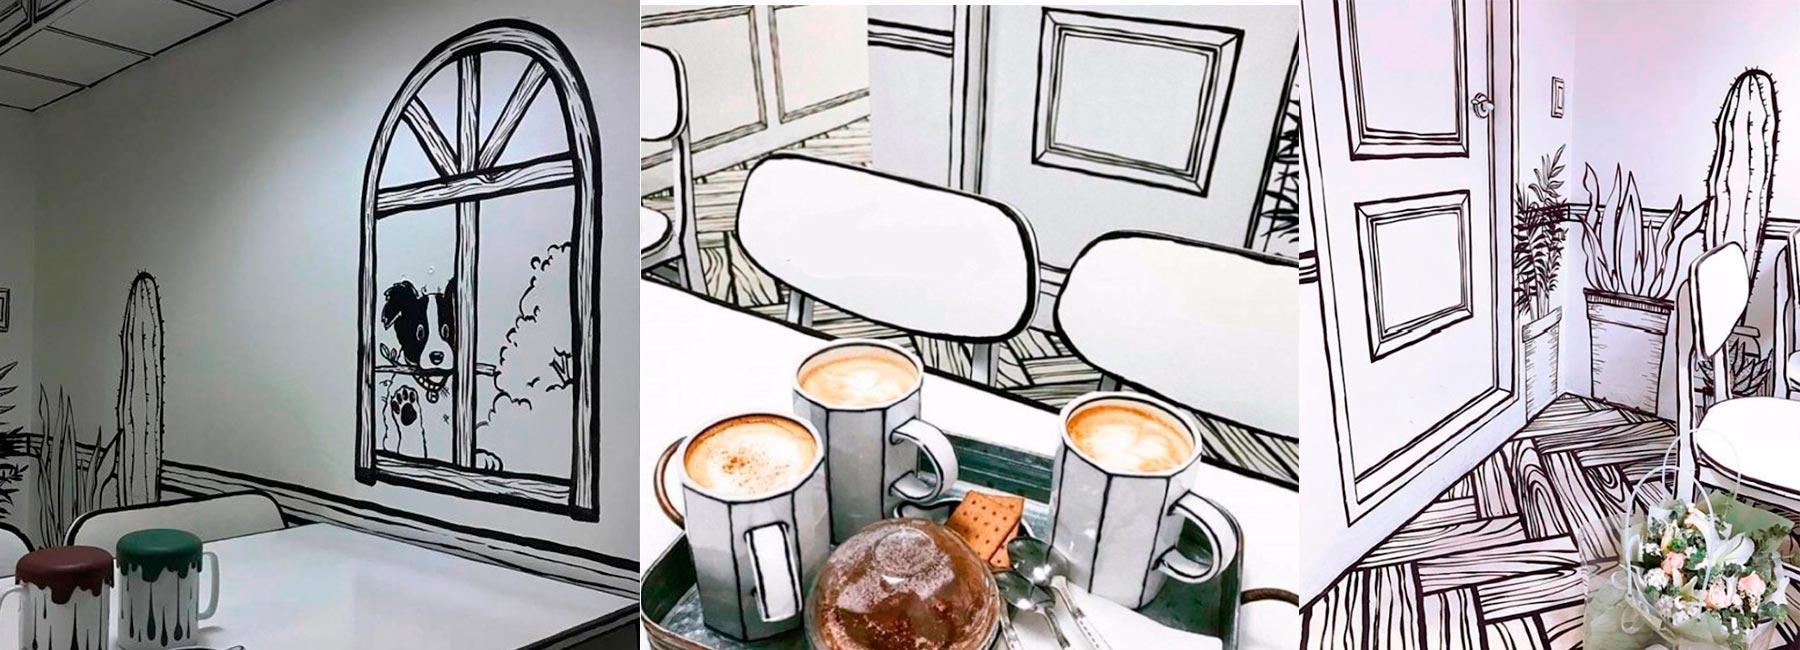 Необычное кафе с нарисованным интерьером Chuseok Holidays в Южной Корее